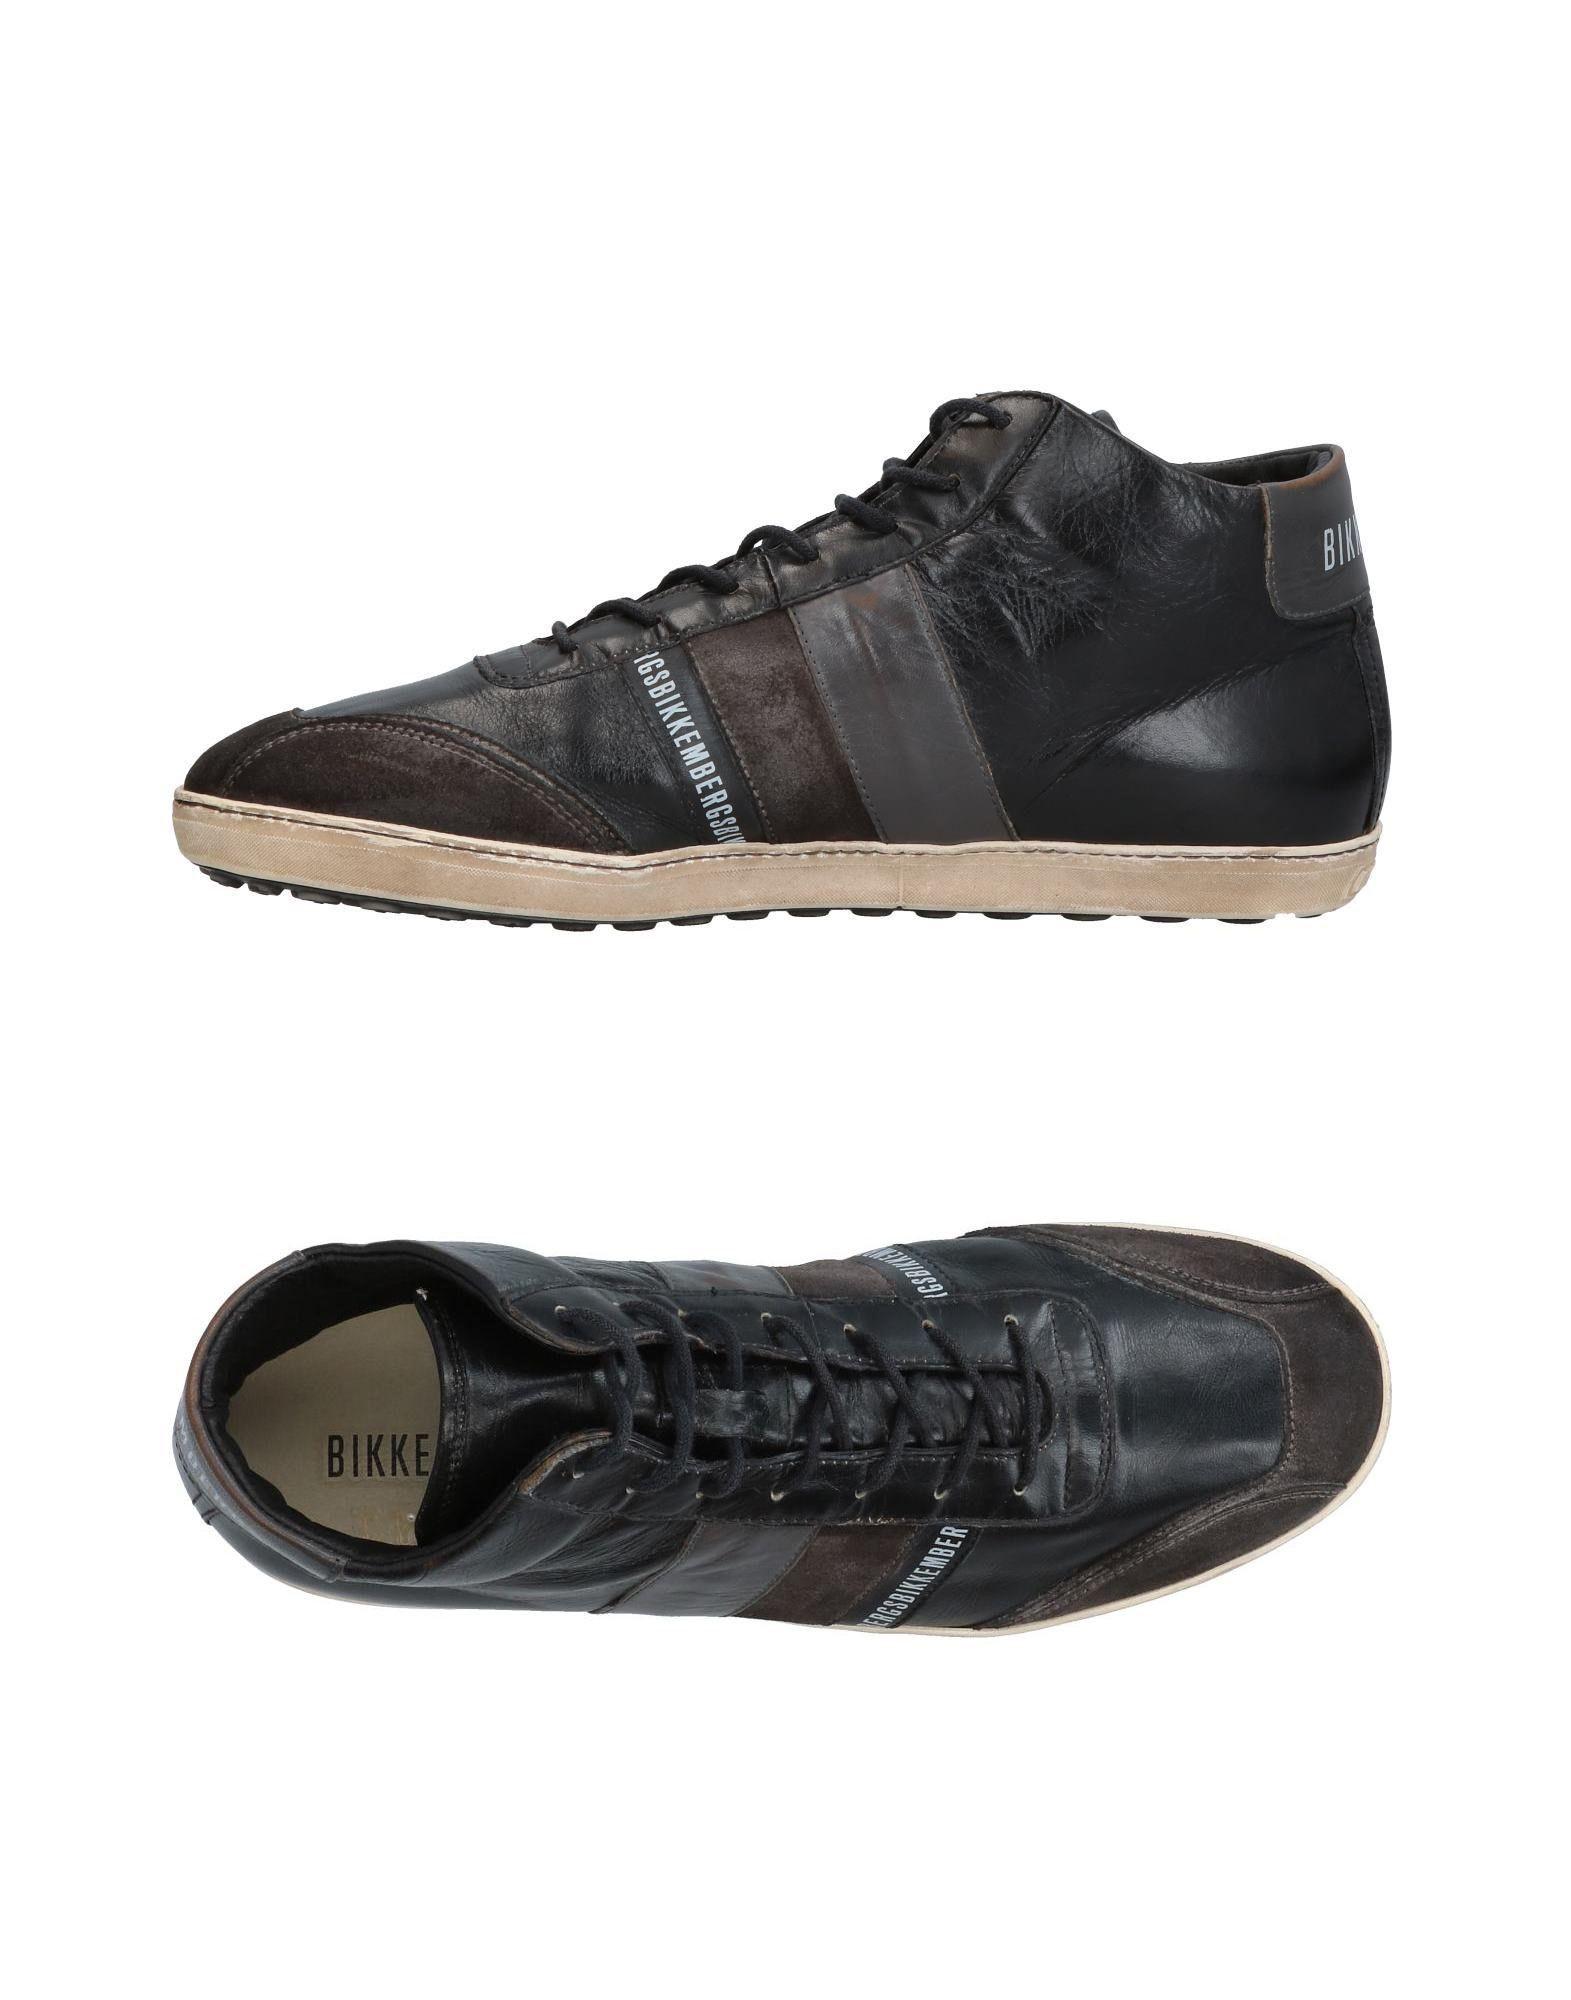 Herren Bikkembergs Sneakers Herren   11329167LJ Heiße Schuhe 030aaa